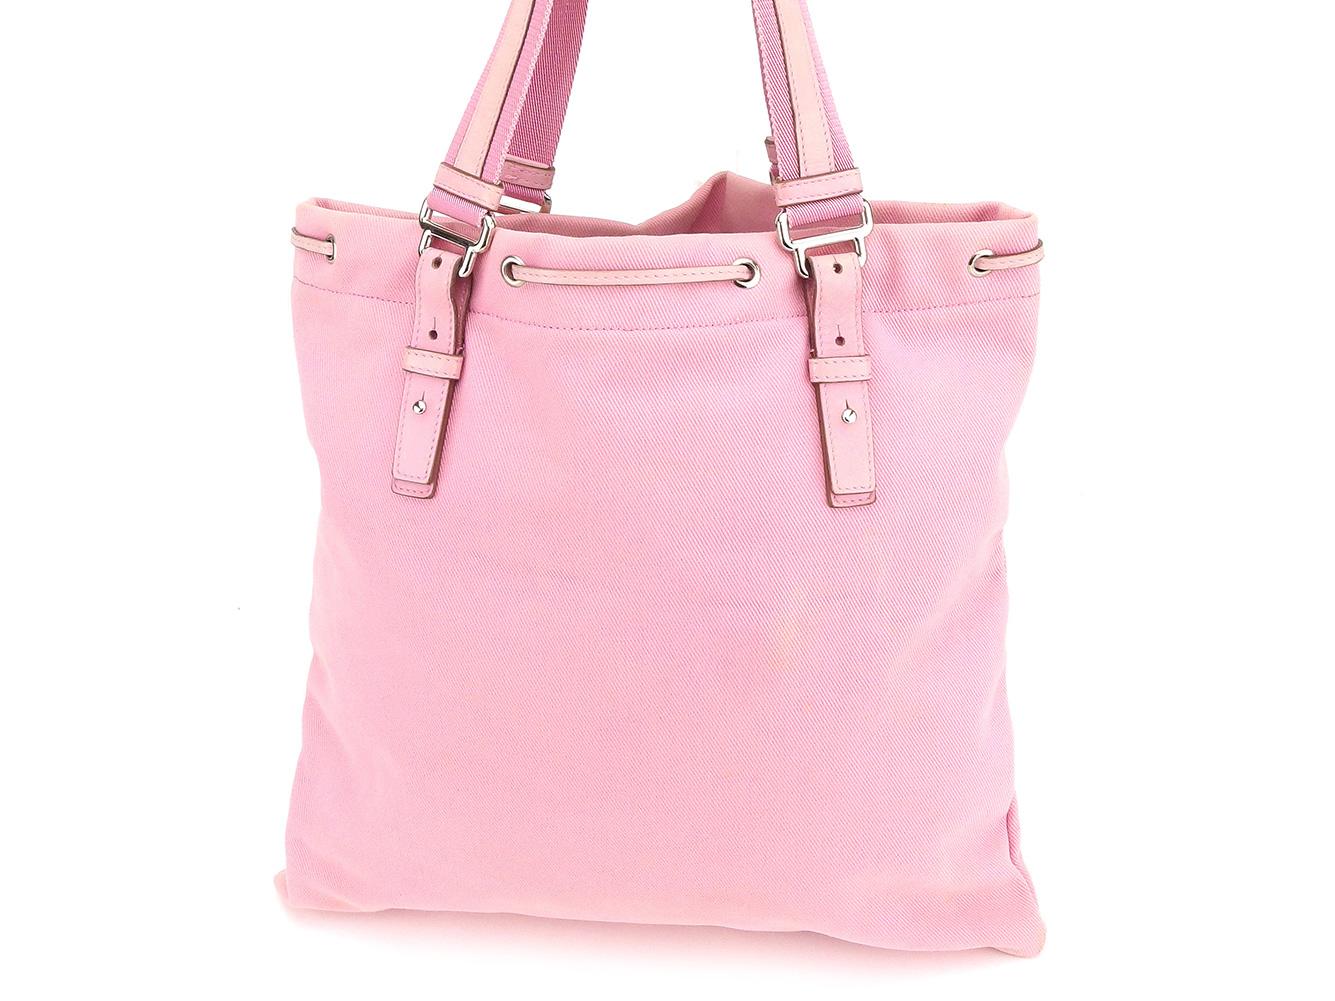 878a69181d5f Saint-Laurent SAINT LAURENT tote bag Thoth shoulder bag Lady s Kahara pink  silver canvas X leather popularity sale H580.